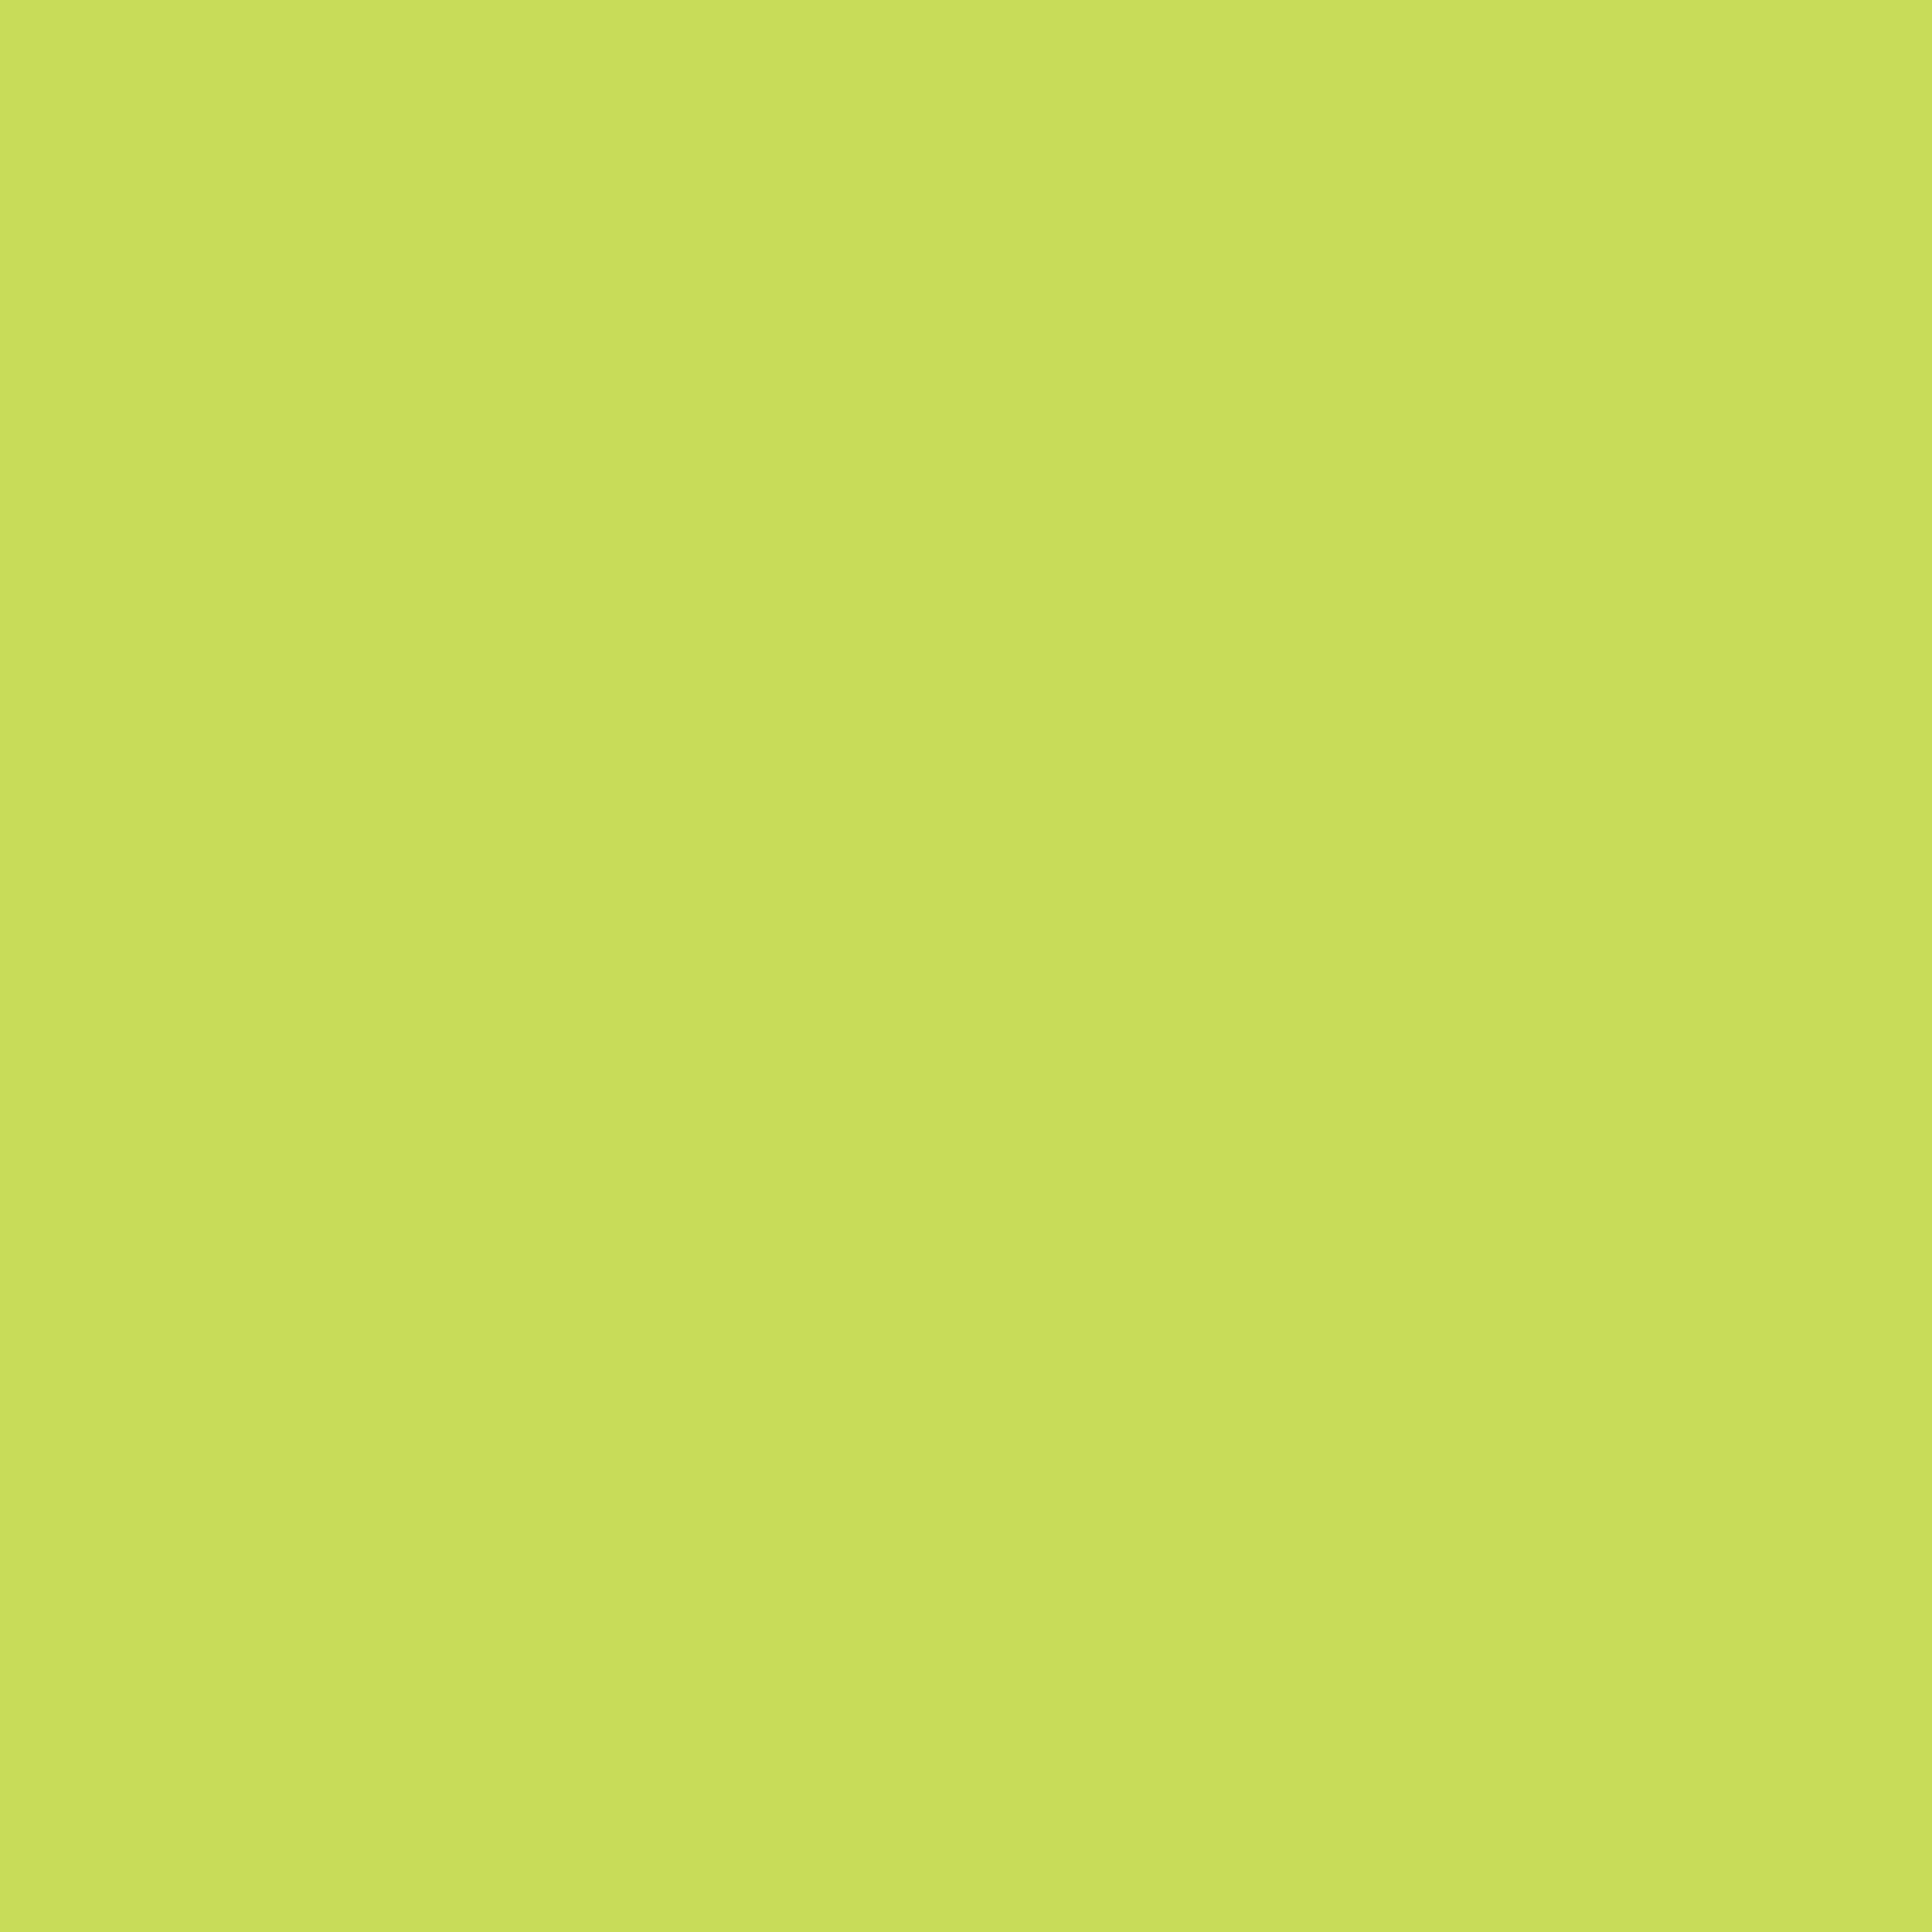 Lime melange